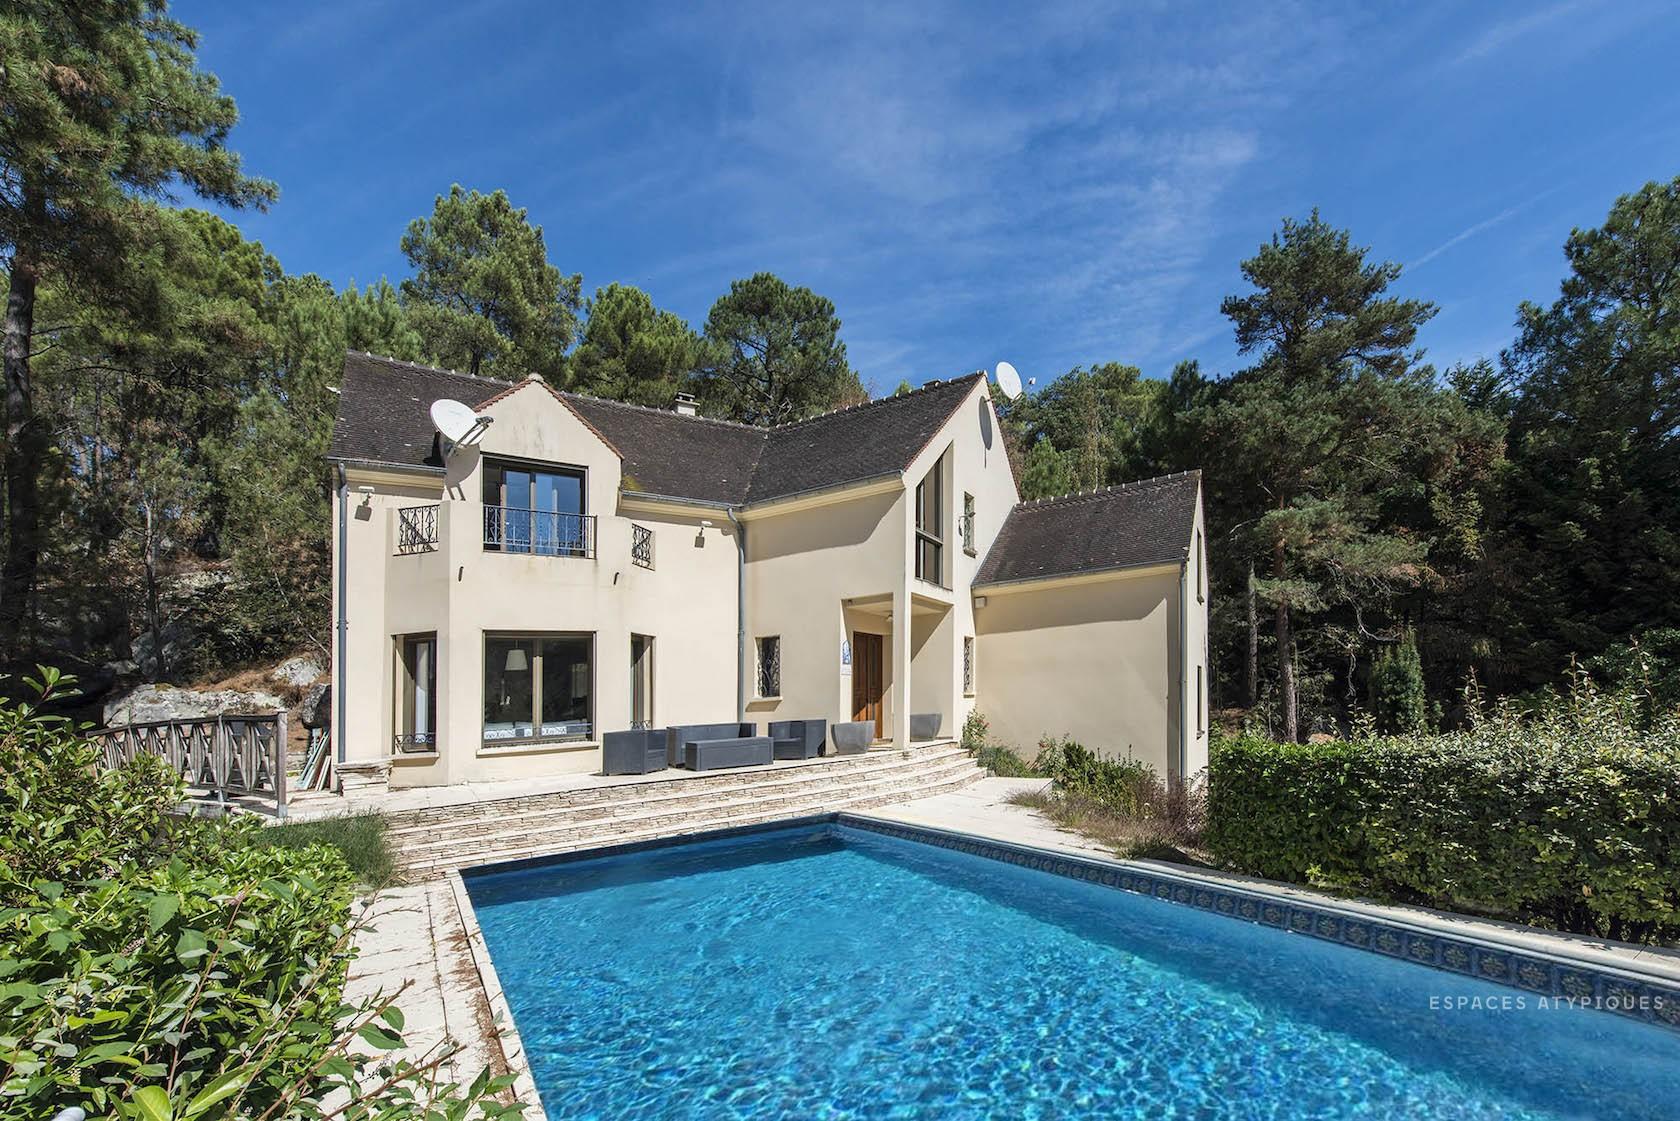 Maison Contemporaine 344M2 Au Coeur De La Forêt Des Trois ... serapportantà Piscine Milly La Foret